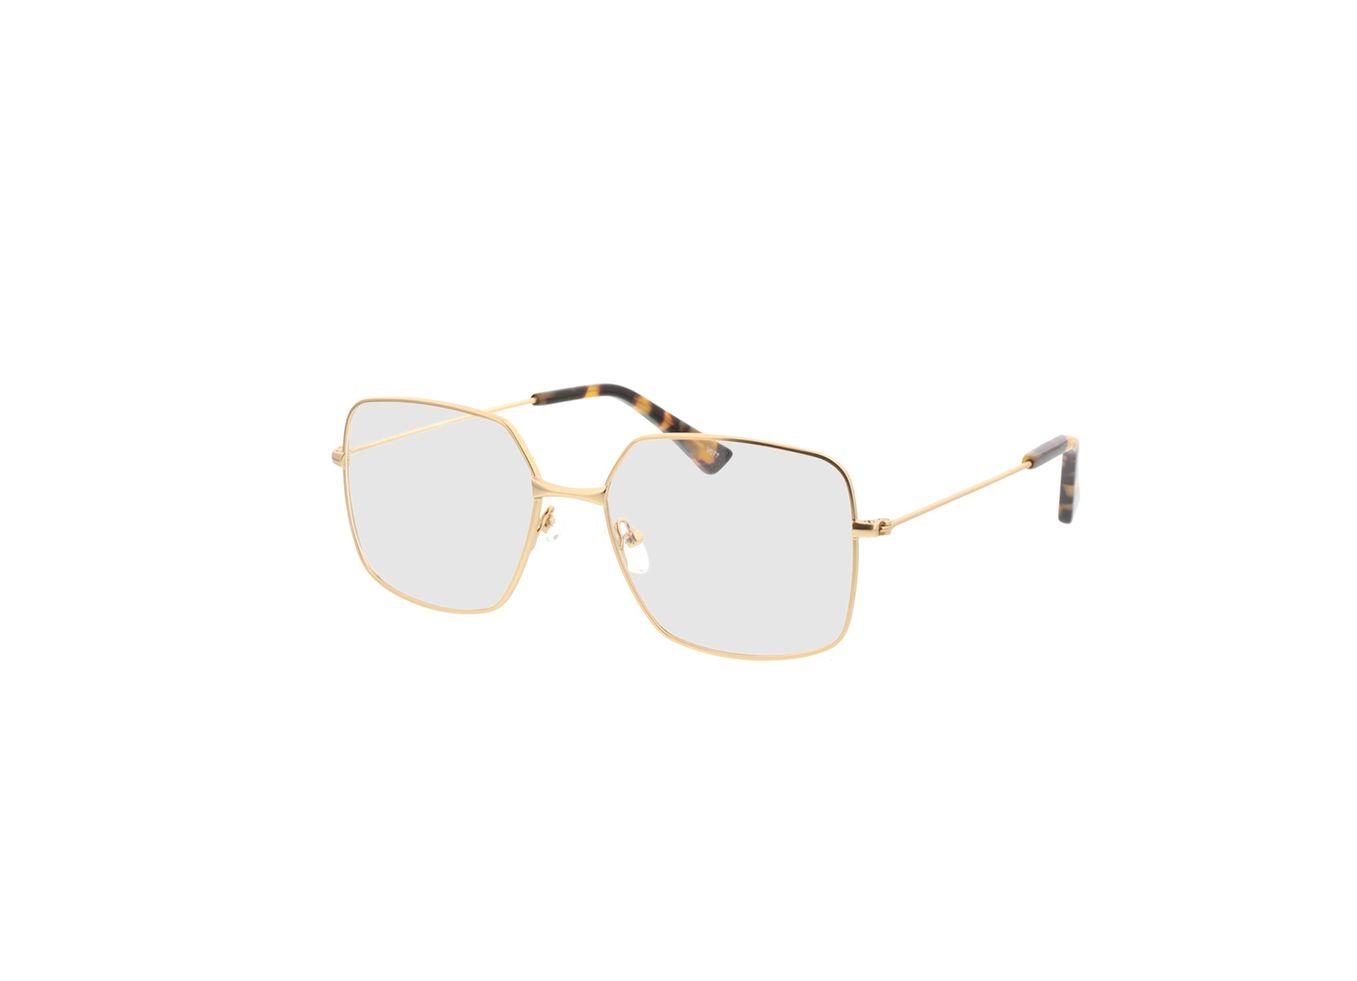 4250325293243-singlevision-0000 Nox-gold Gleitsichtbrille, Vollrand, Eckig OMNIO by Brille24